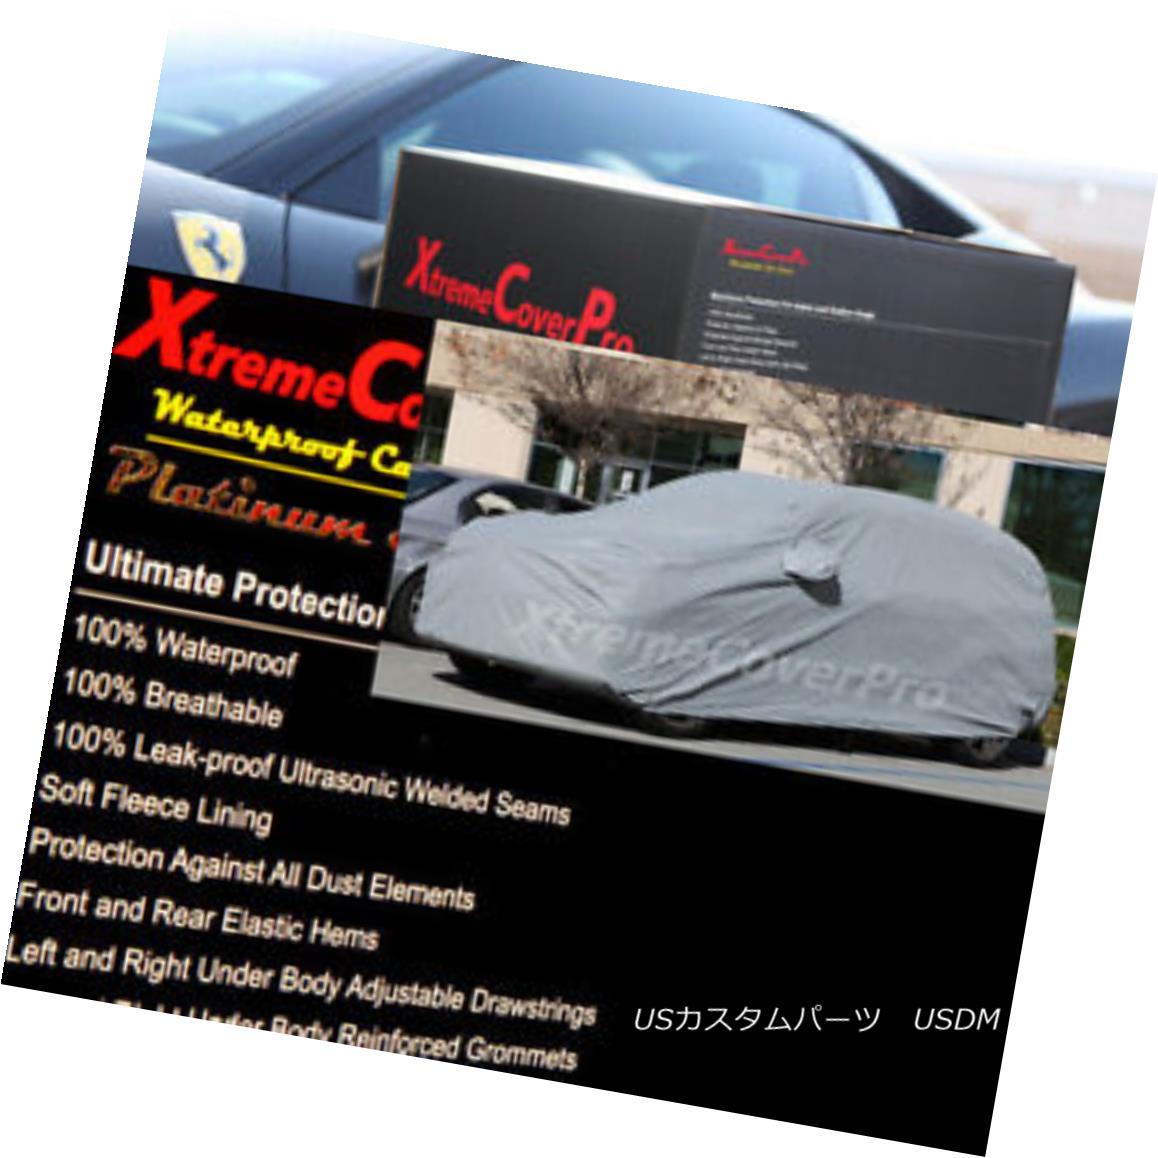 カーカバー 2015 BMW X5 X5M Waterproof Car Cover w/Mirror Pockets - Gray 2015 BMW X5 X5M防水カーカバー付き/ミラーポケット - グレー